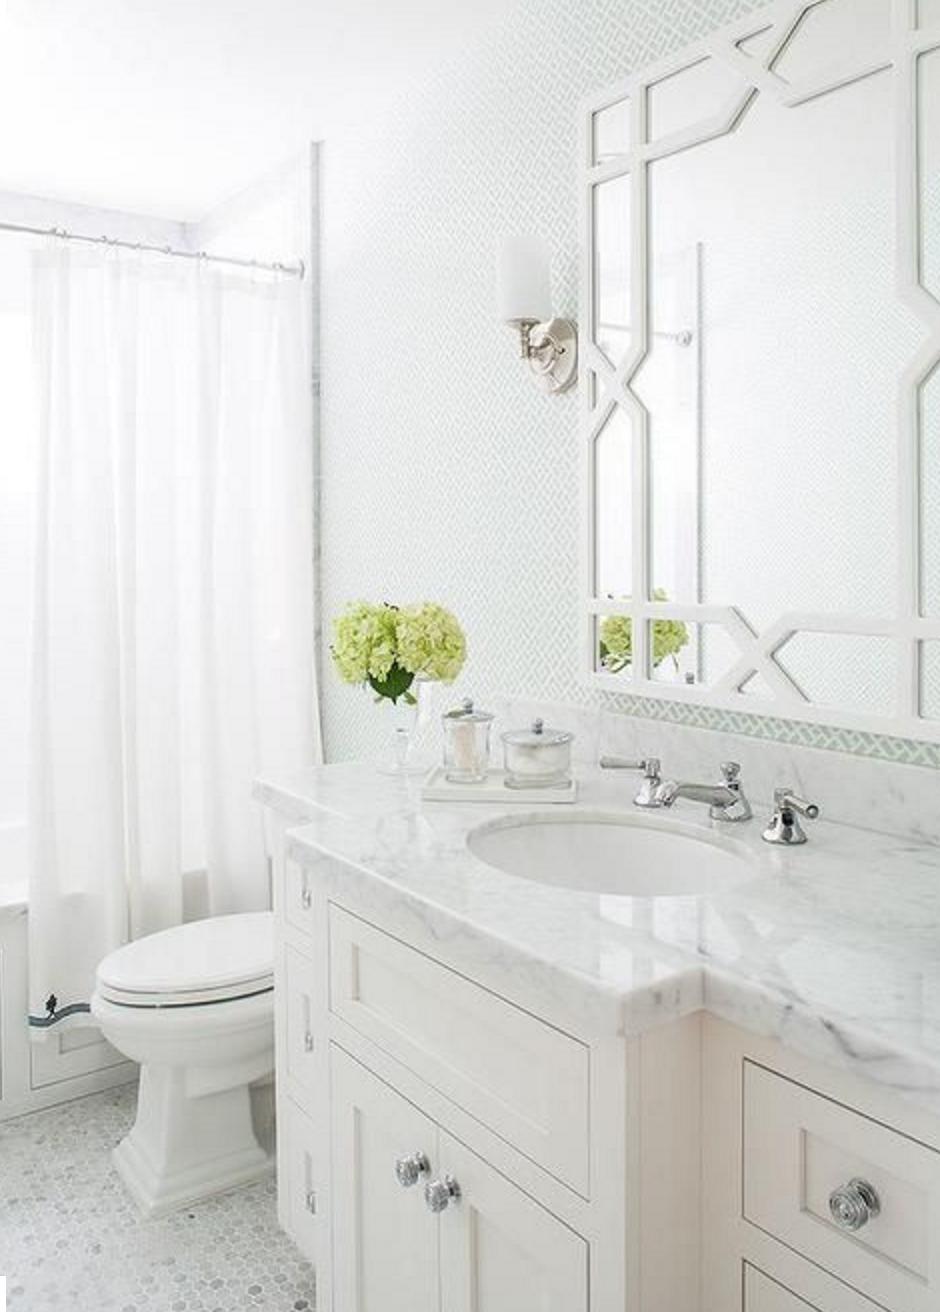 Vero White Lacquer Trellis Mirror Small space bathroom